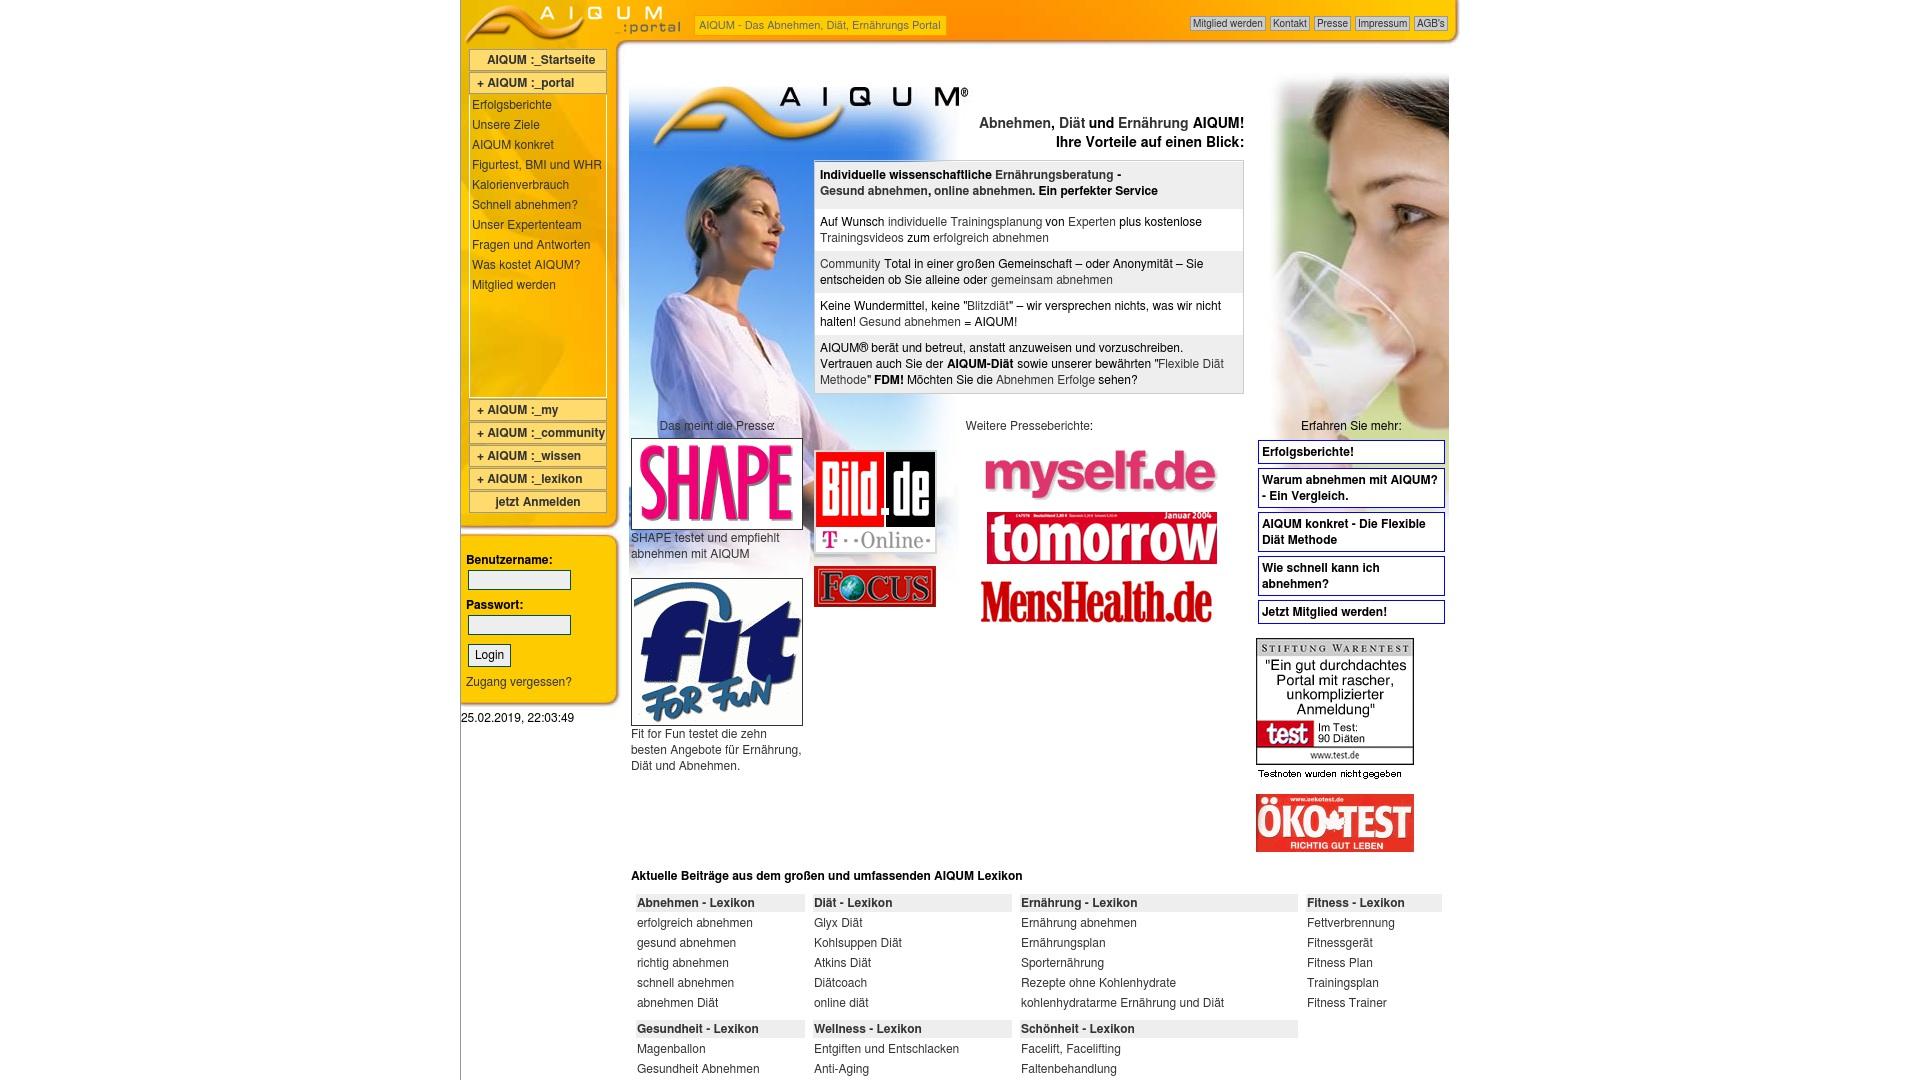 Gutschein für Aiqum: Rabatte für  Aiqum sichern